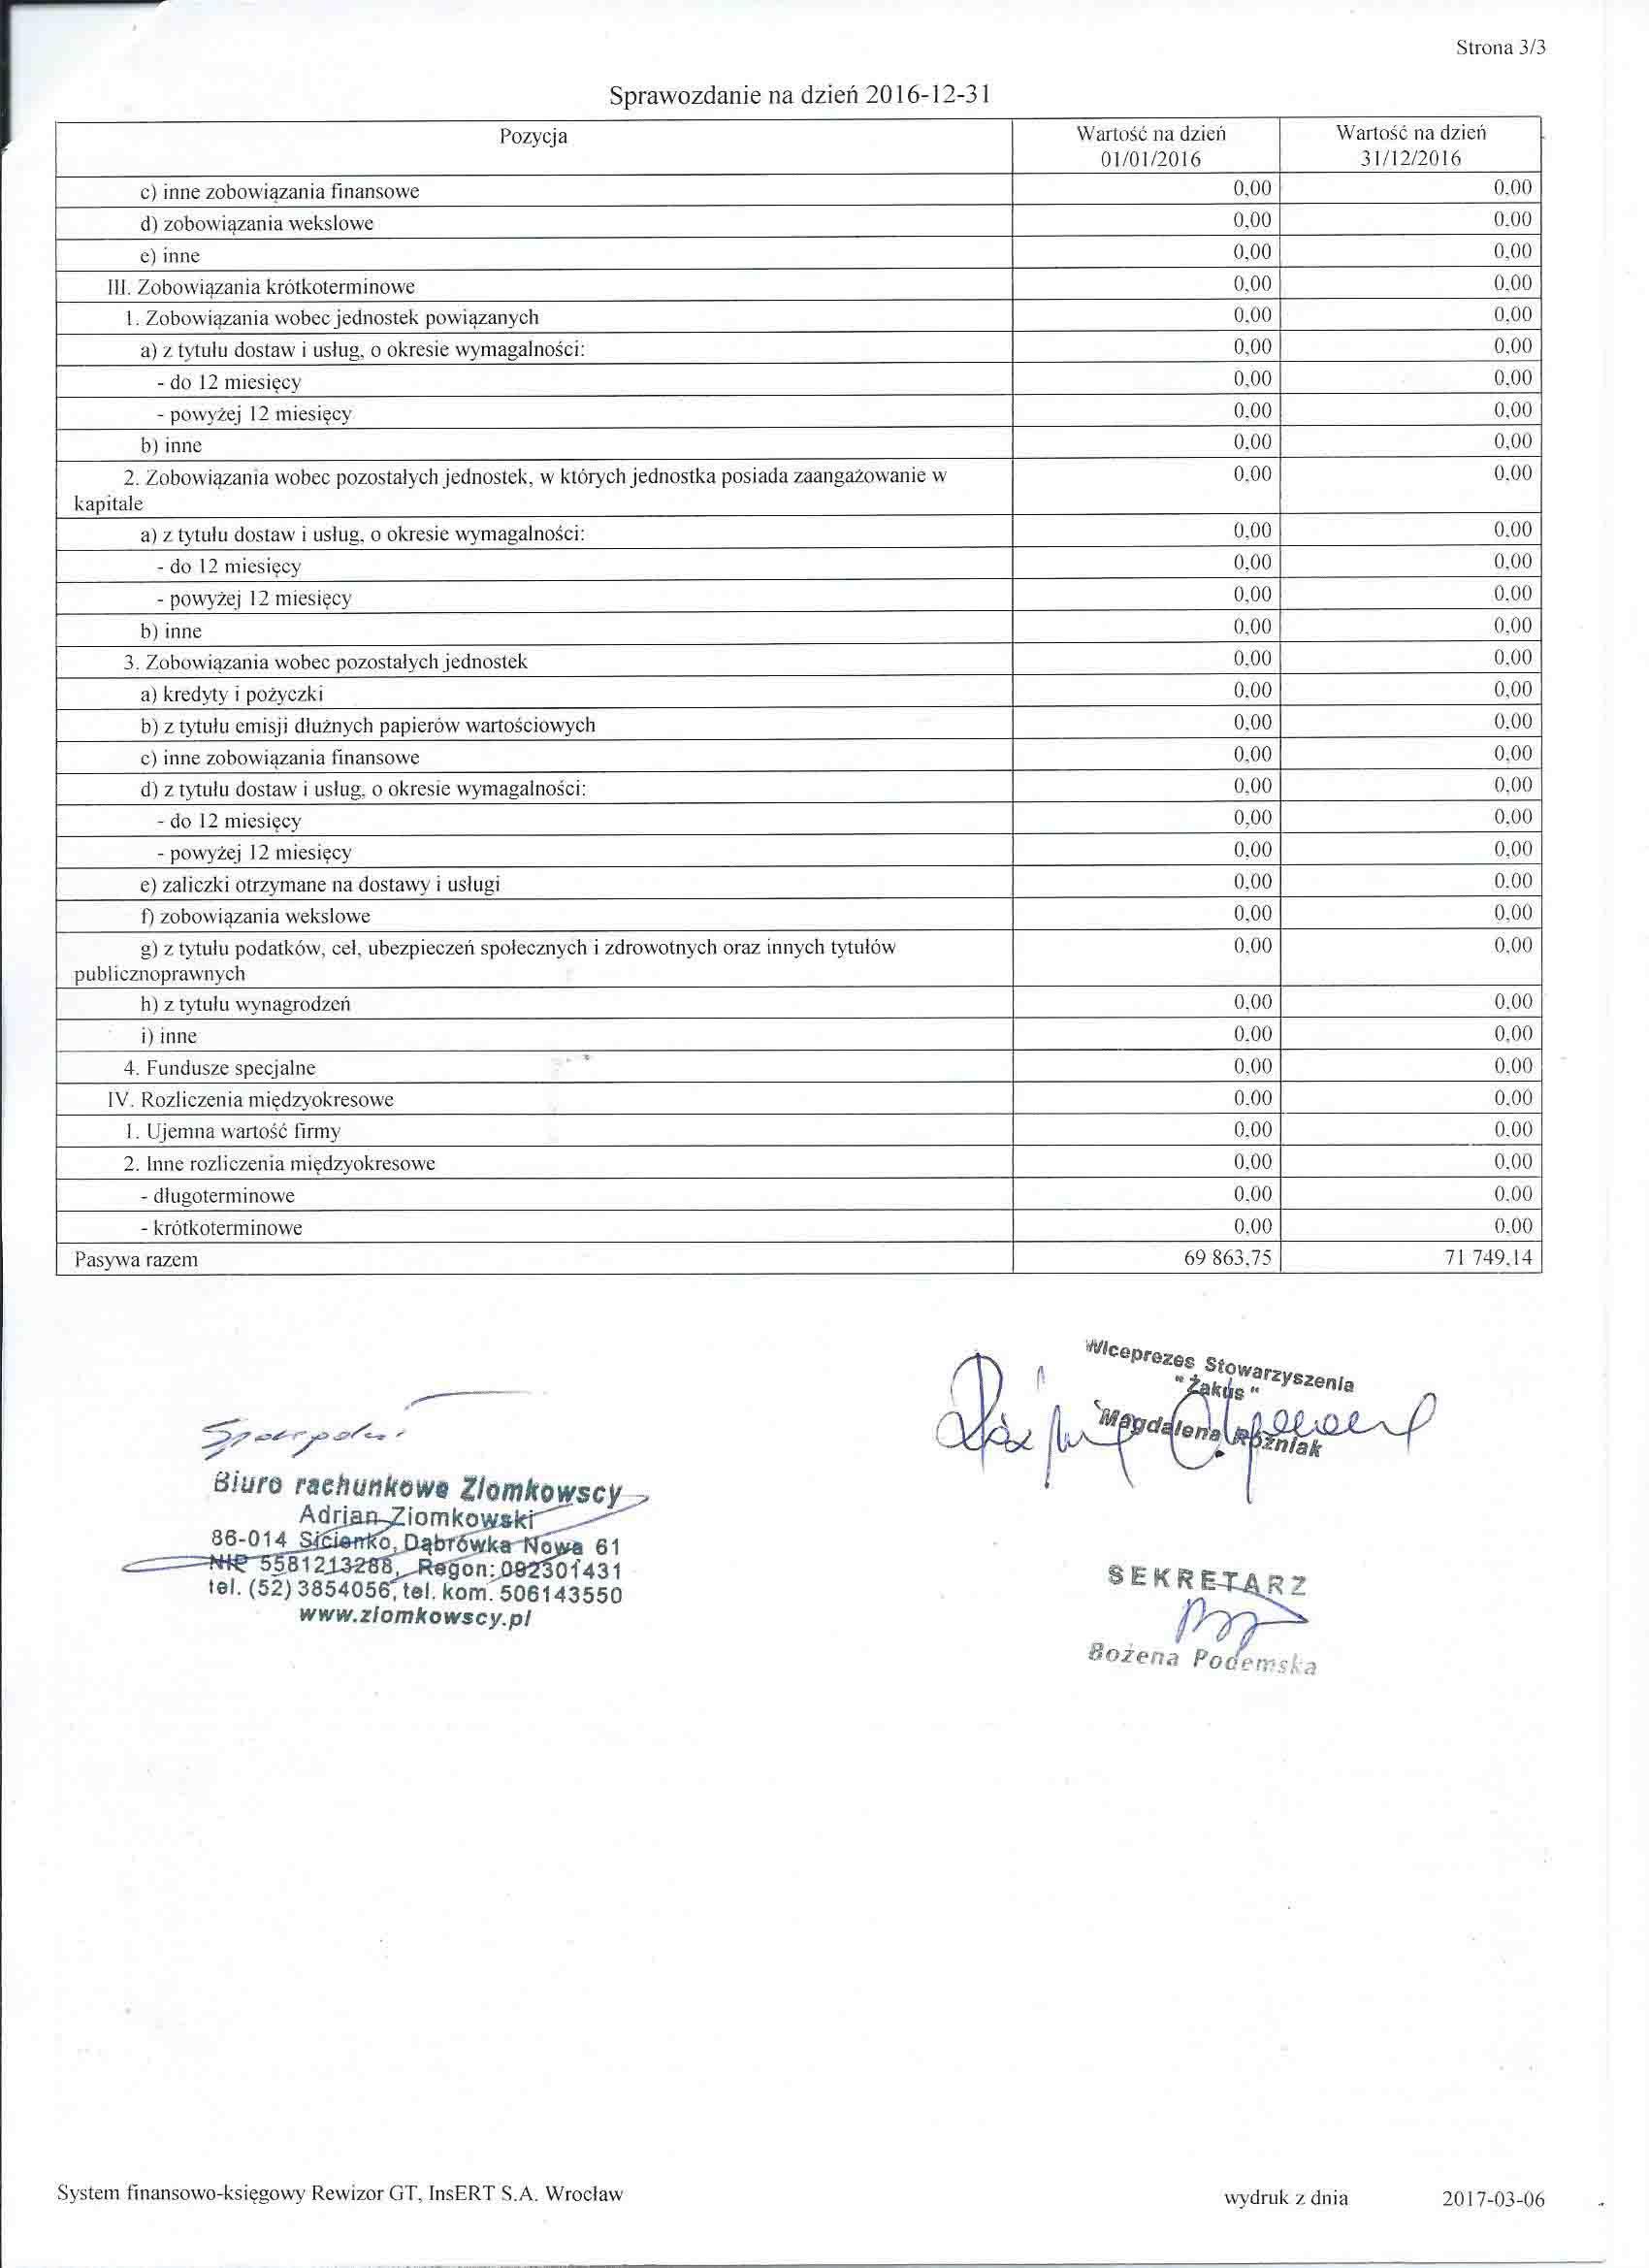 Sprawozdania finansowe0016